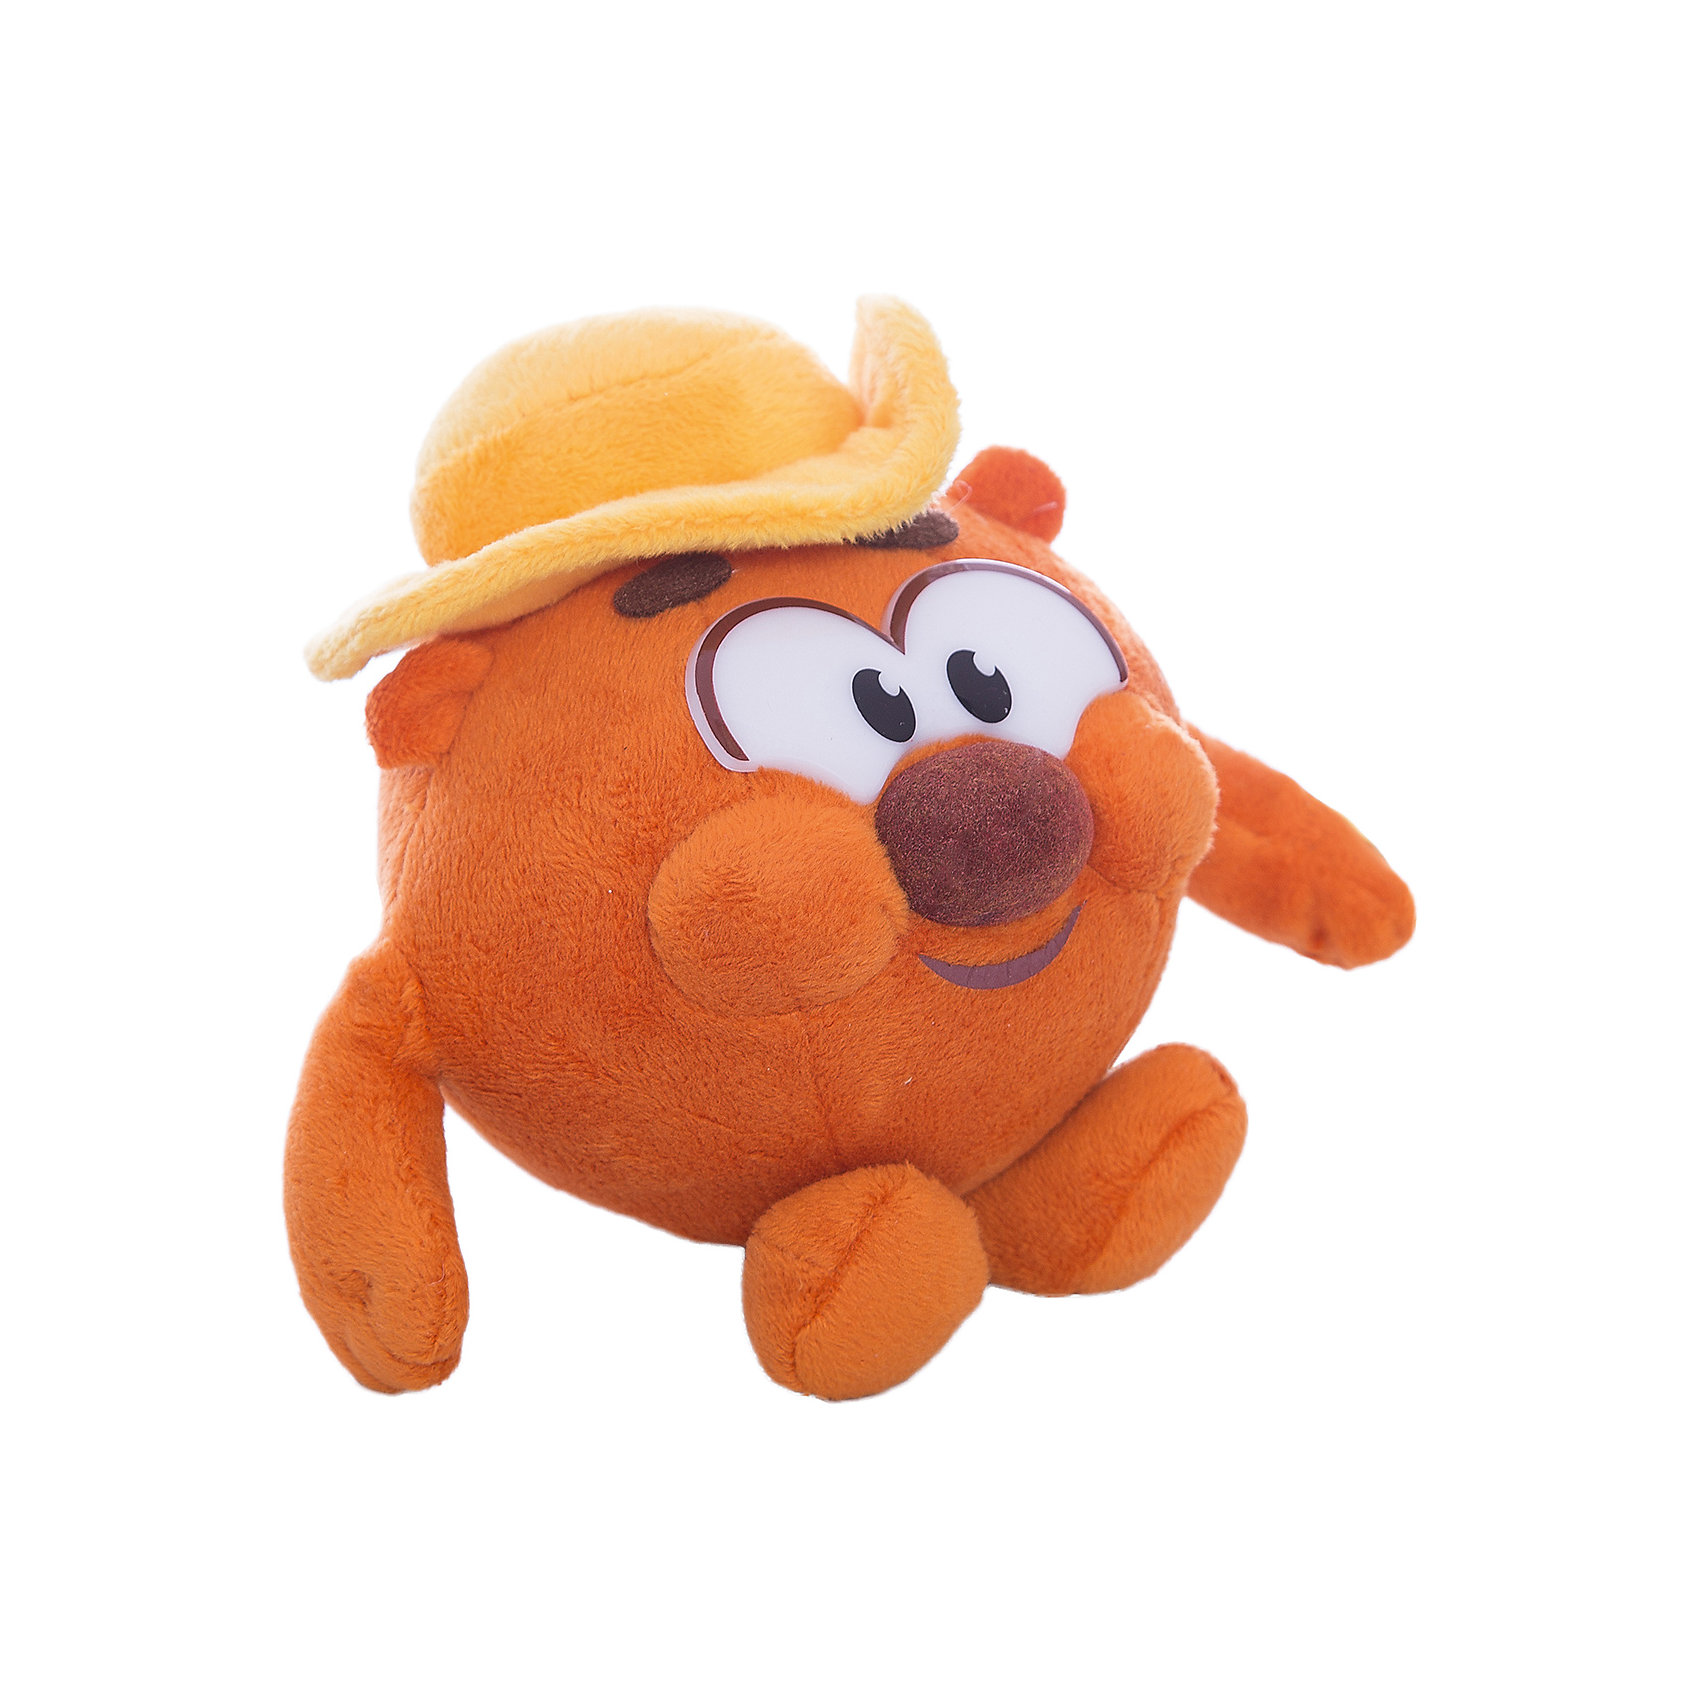 Мягкая игрушка  Копатыч, со звуком, Смешарики, МУЛЬТИ-ПУЛЬТИОзвученные мягкие игрушки<br>Забавная игрушка Копатыч от Мульти-Пульти - персонаж мультсериала Смешарики о приключениях веселых круглых зверюшек. Копатыч - добрый и хозяйственный медведь, который любит выращивать овощи на своем огороде. Если Ваш ребенок поклонник мультсериала Смешарики он наверняка обрадуется такому подарку. Игрушка озвучена голосом героя мультфильма и произносит несколько фраз.<br><br>Дополнительная информация:<br><br>- Материал: текстиль, синтепон.<br>- Требуются батарейки: 3 х AG13 / LR44 (в комплекте).<br>- Размеры игрушки: 10 х 12 х 12 см.<br>- Высота игрушки: 10 см.<br>- Вес:  0.2 кг. <br><br>Мягкую игрушку Копатыч (Смешарики) от Мульти-Пульти можно купить в нашем магазине.<br><br>Ширина мм: 100<br>Глубина мм: 100<br>Высота мм: 100<br>Вес г: 73<br>Возраст от месяцев: 24<br>Возраст до месяцев: 1188<br>Пол: Унисекс<br>Возраст: Детский<br>SKU: 3384125